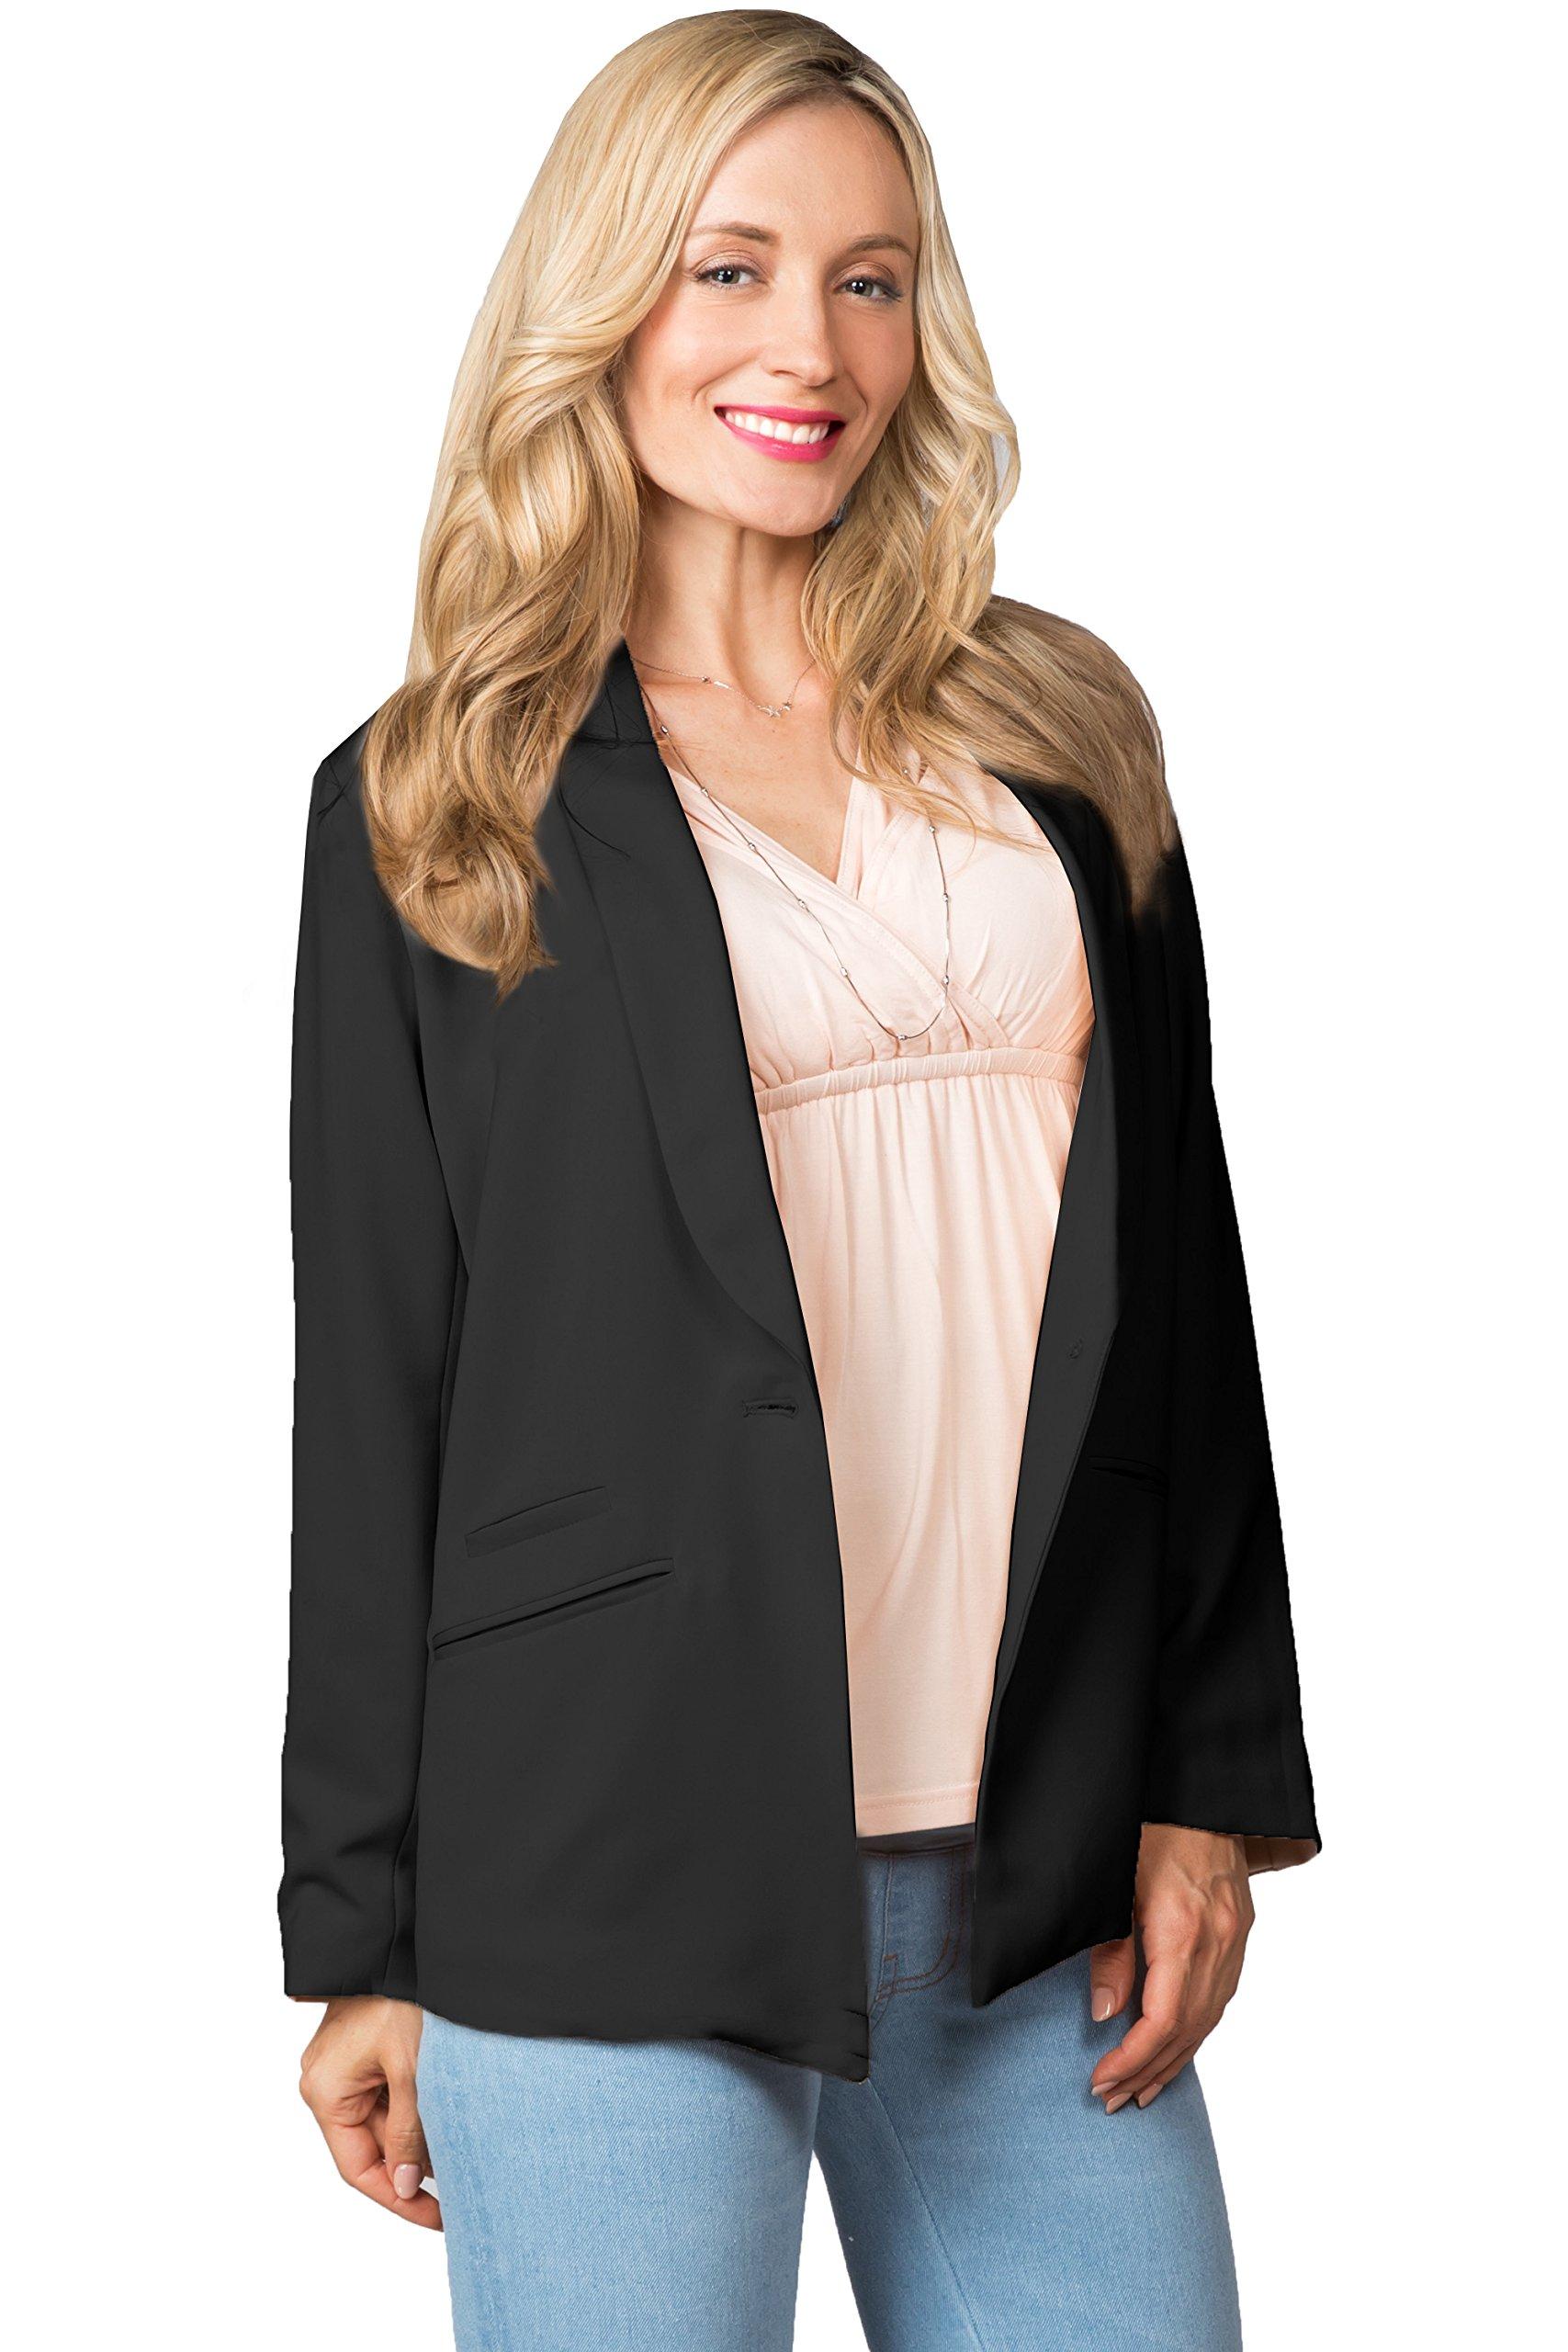 Sweet Mommy Maternity Blazer Jacket with Waist Tie Black L